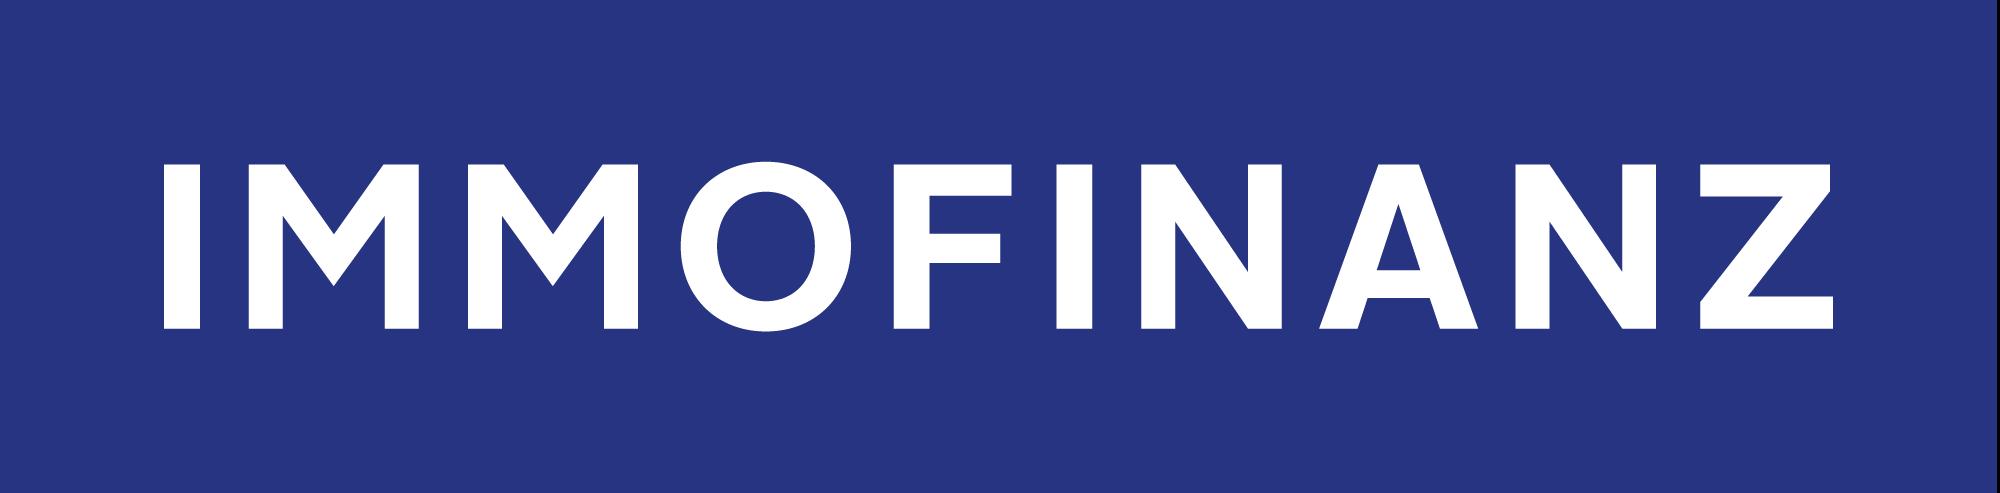 IMMOFINANZ Services Slovak Republic, s.r.o.